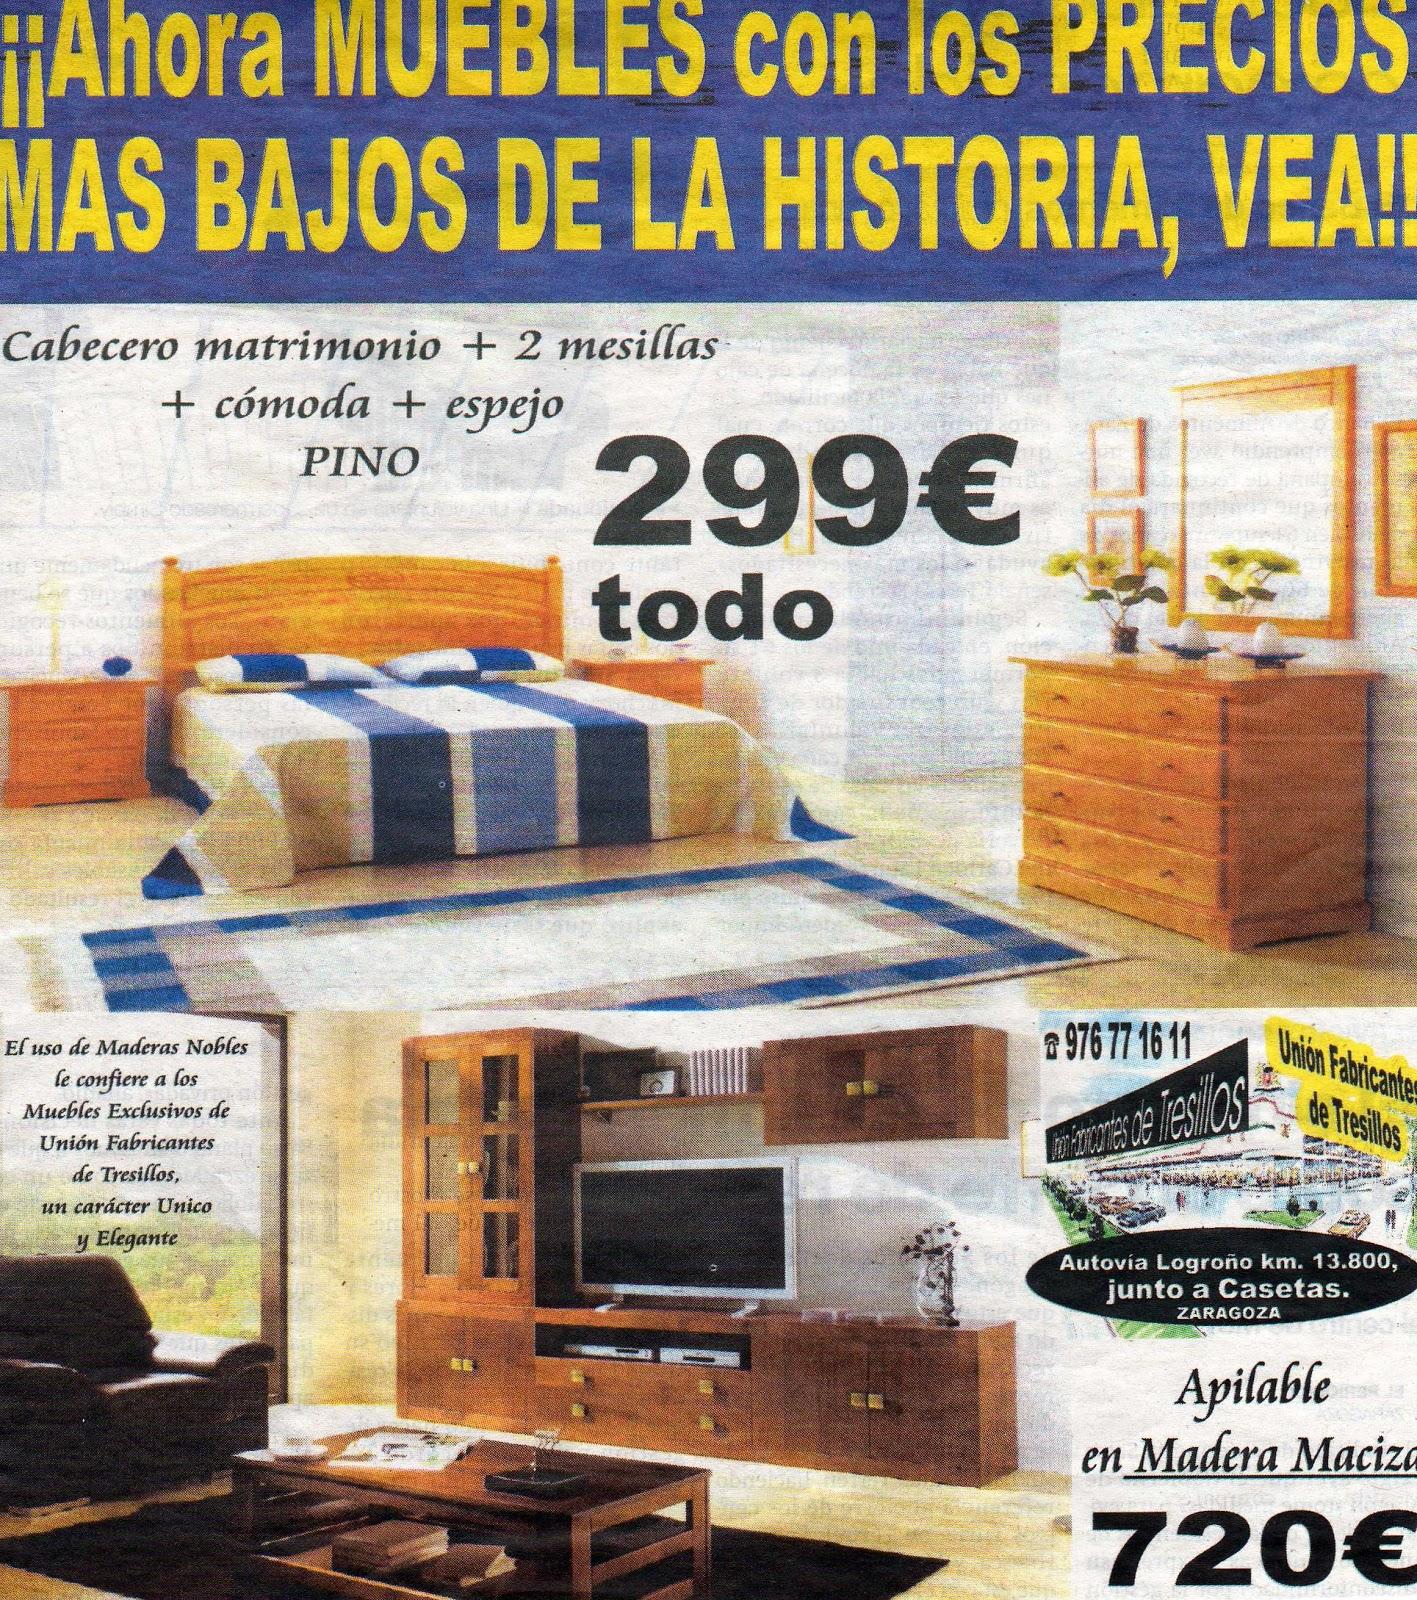 Uni n fabricantes de tresillos diciembre 2012 for Tresillos baratos en madrid